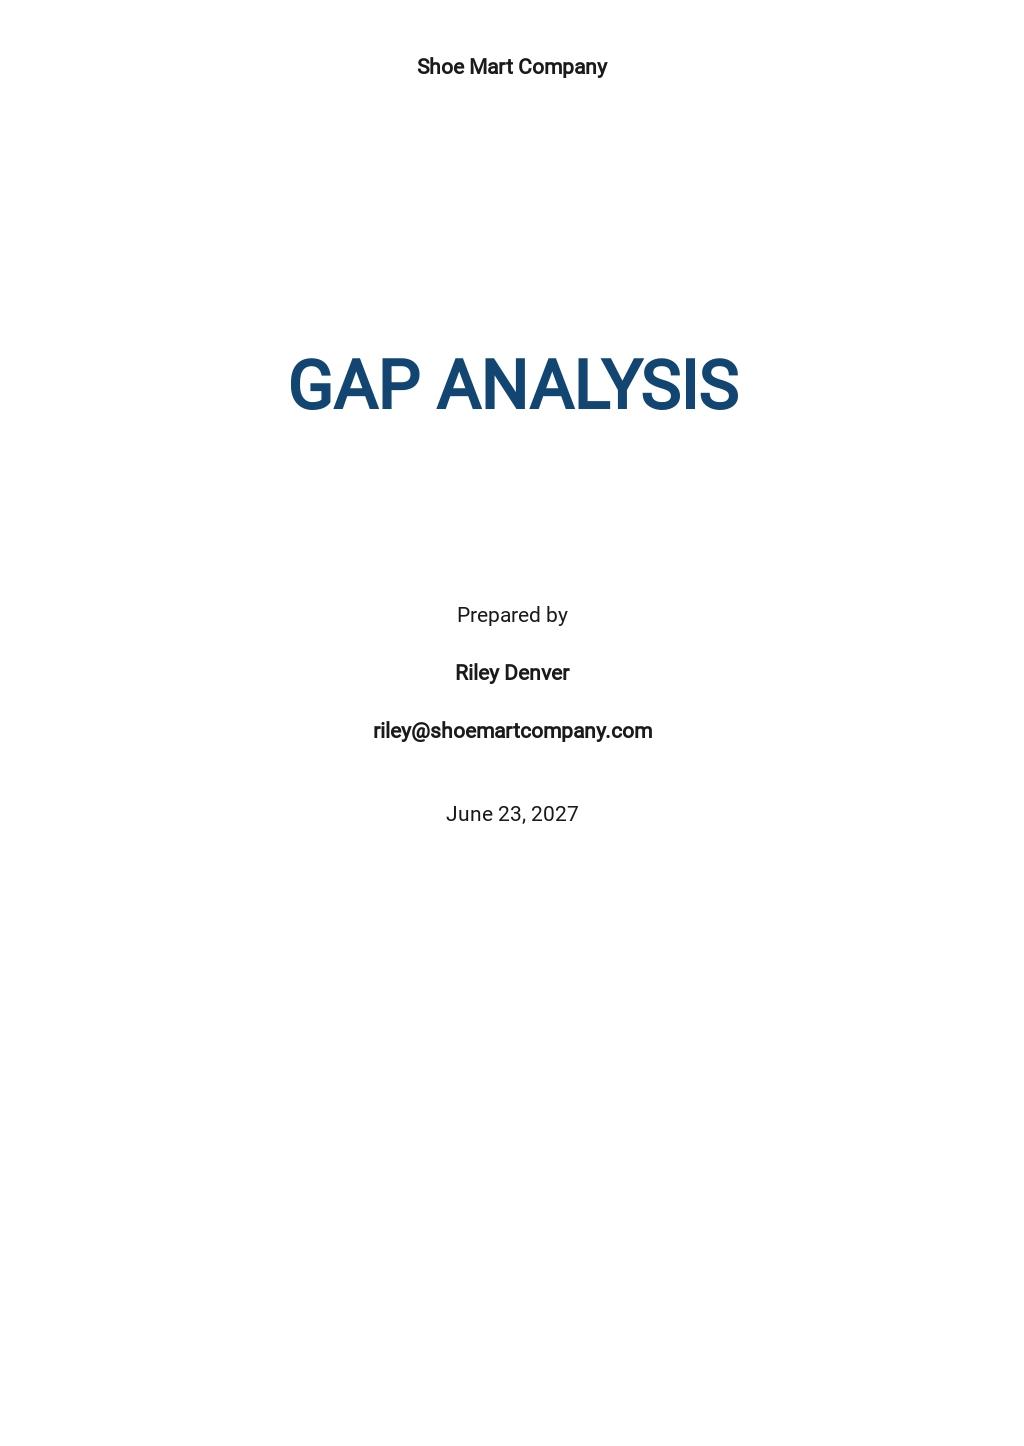 Sample Gap Analysis Report Template.jpe